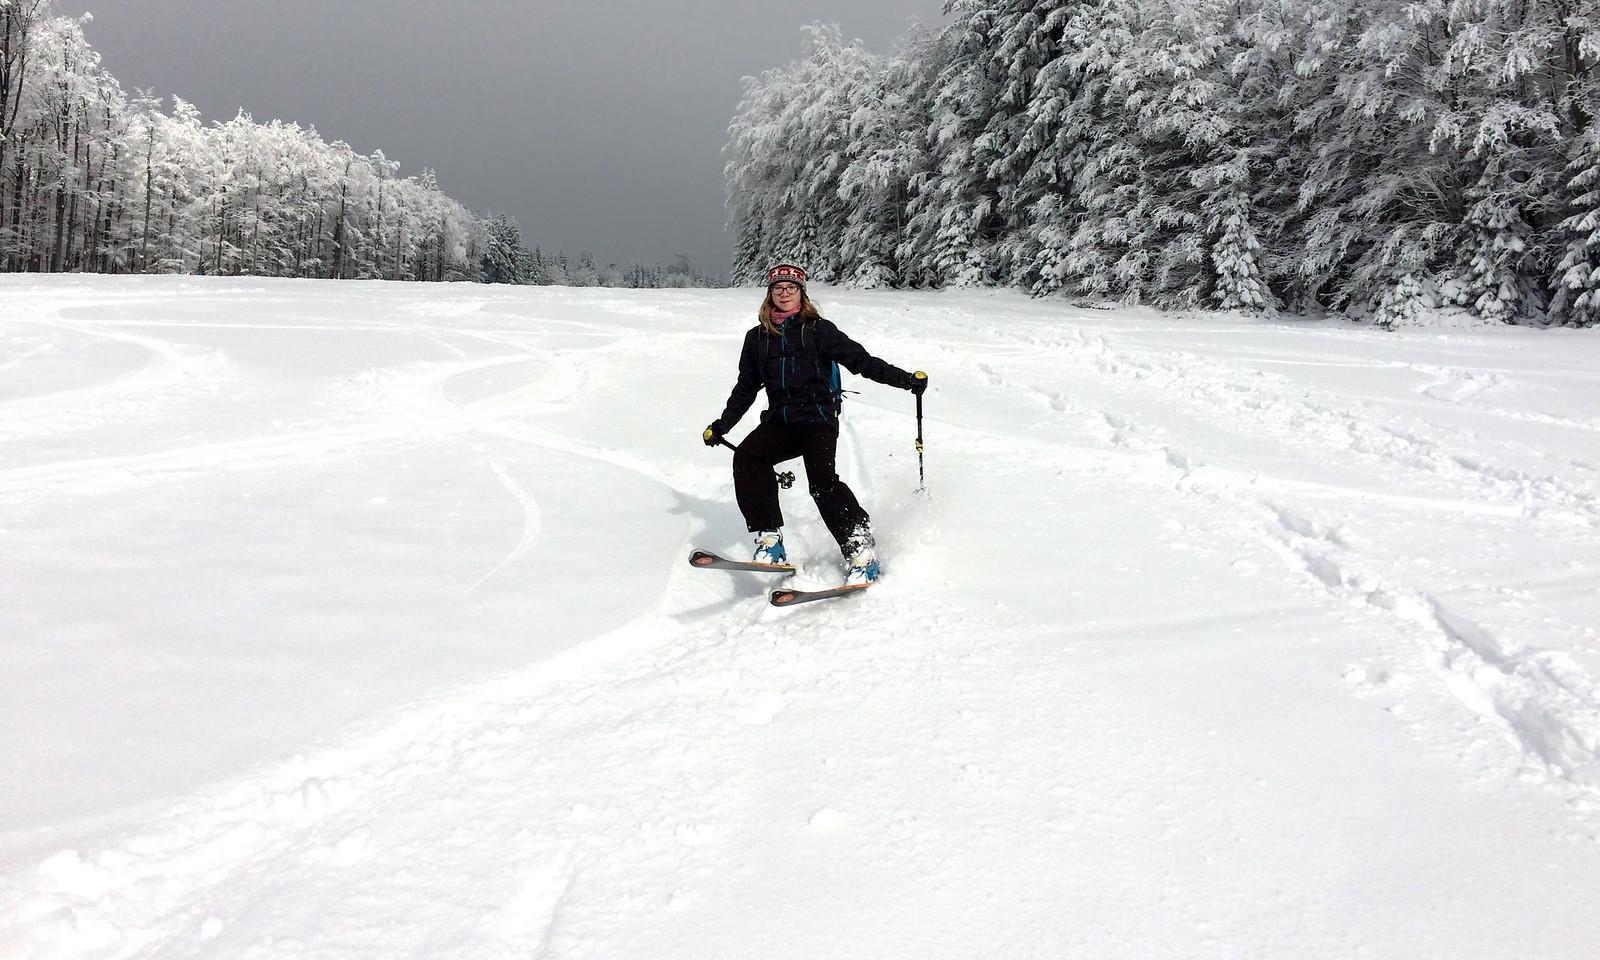 Sníh je těžký, tak to řežu!